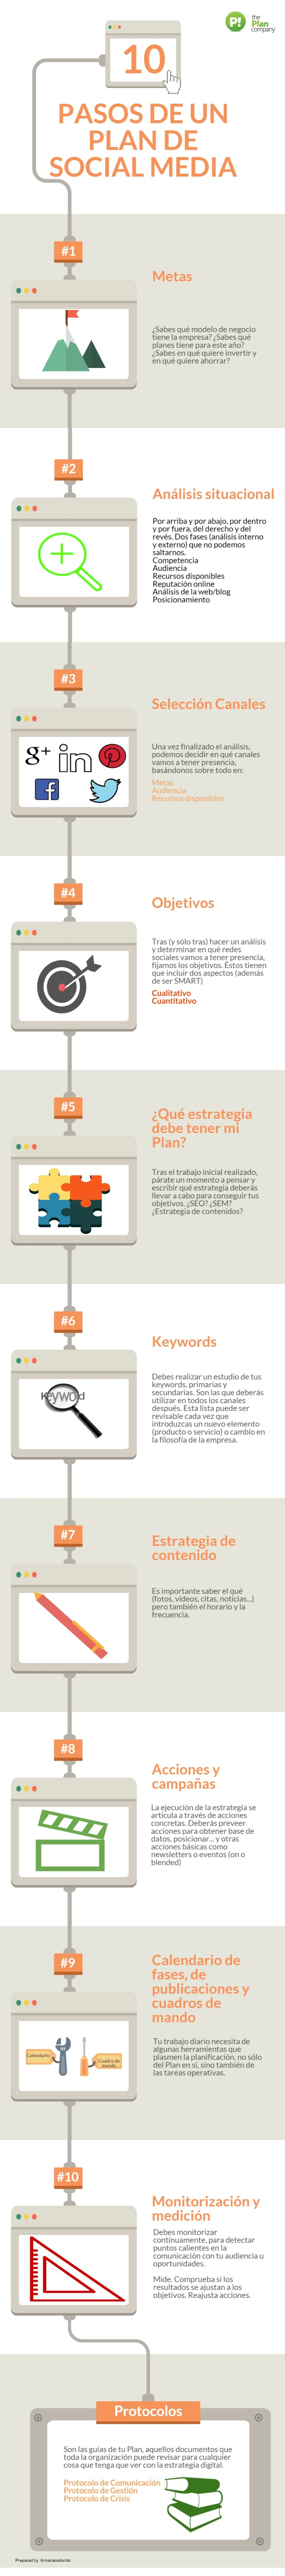 10 pasos para un Plan de Redes Sociales